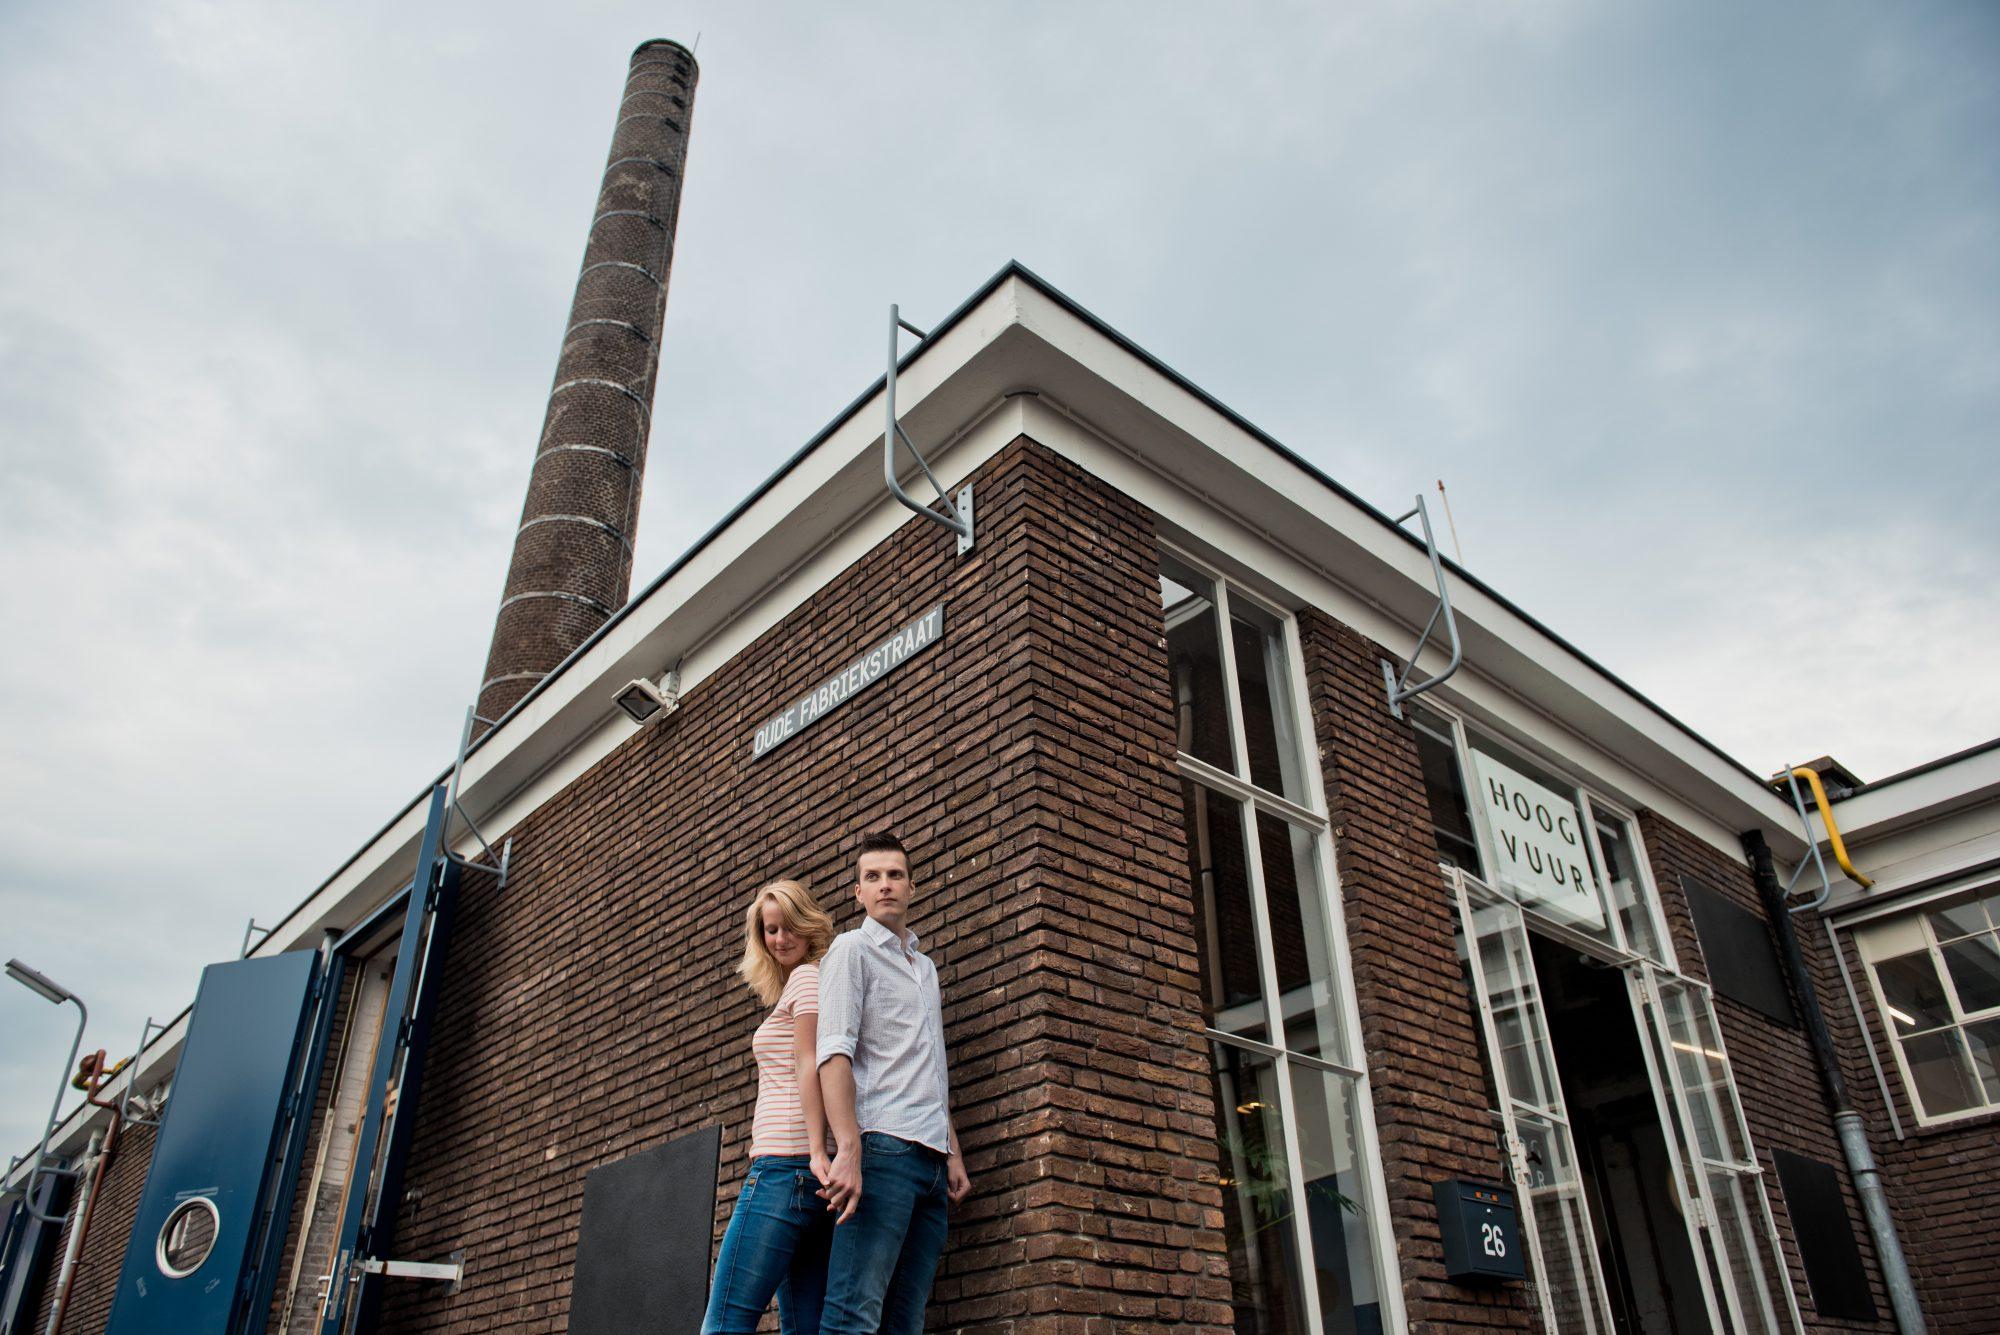 Joost&Hanneke-34